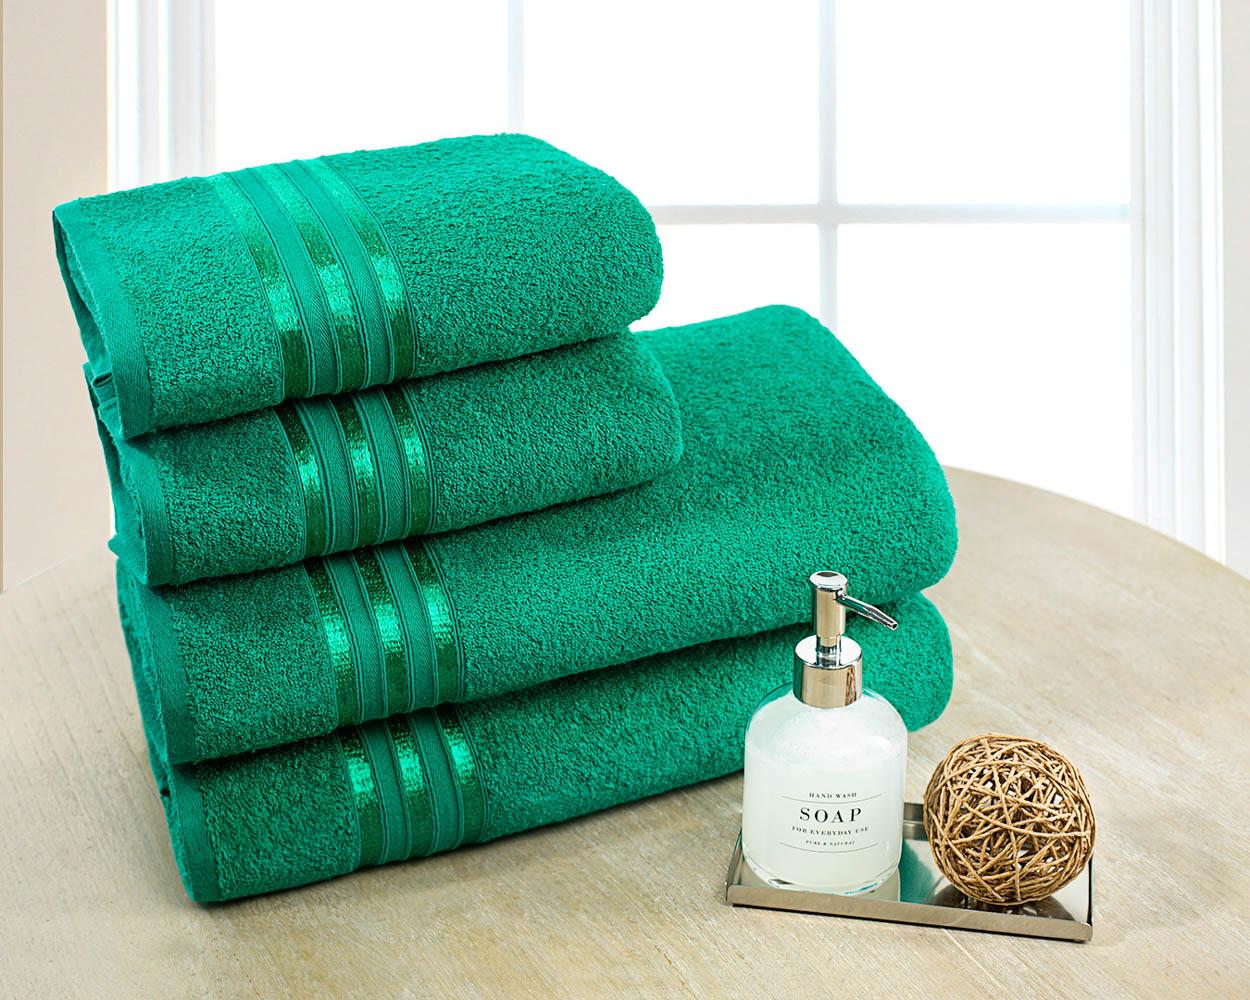 Полотенца Dome Набор из 4 полотенец Harmonika Цвет: Изумрудный полотенца кухонные la pastel набор полотенец 4 предмета из микрофибры 30х30